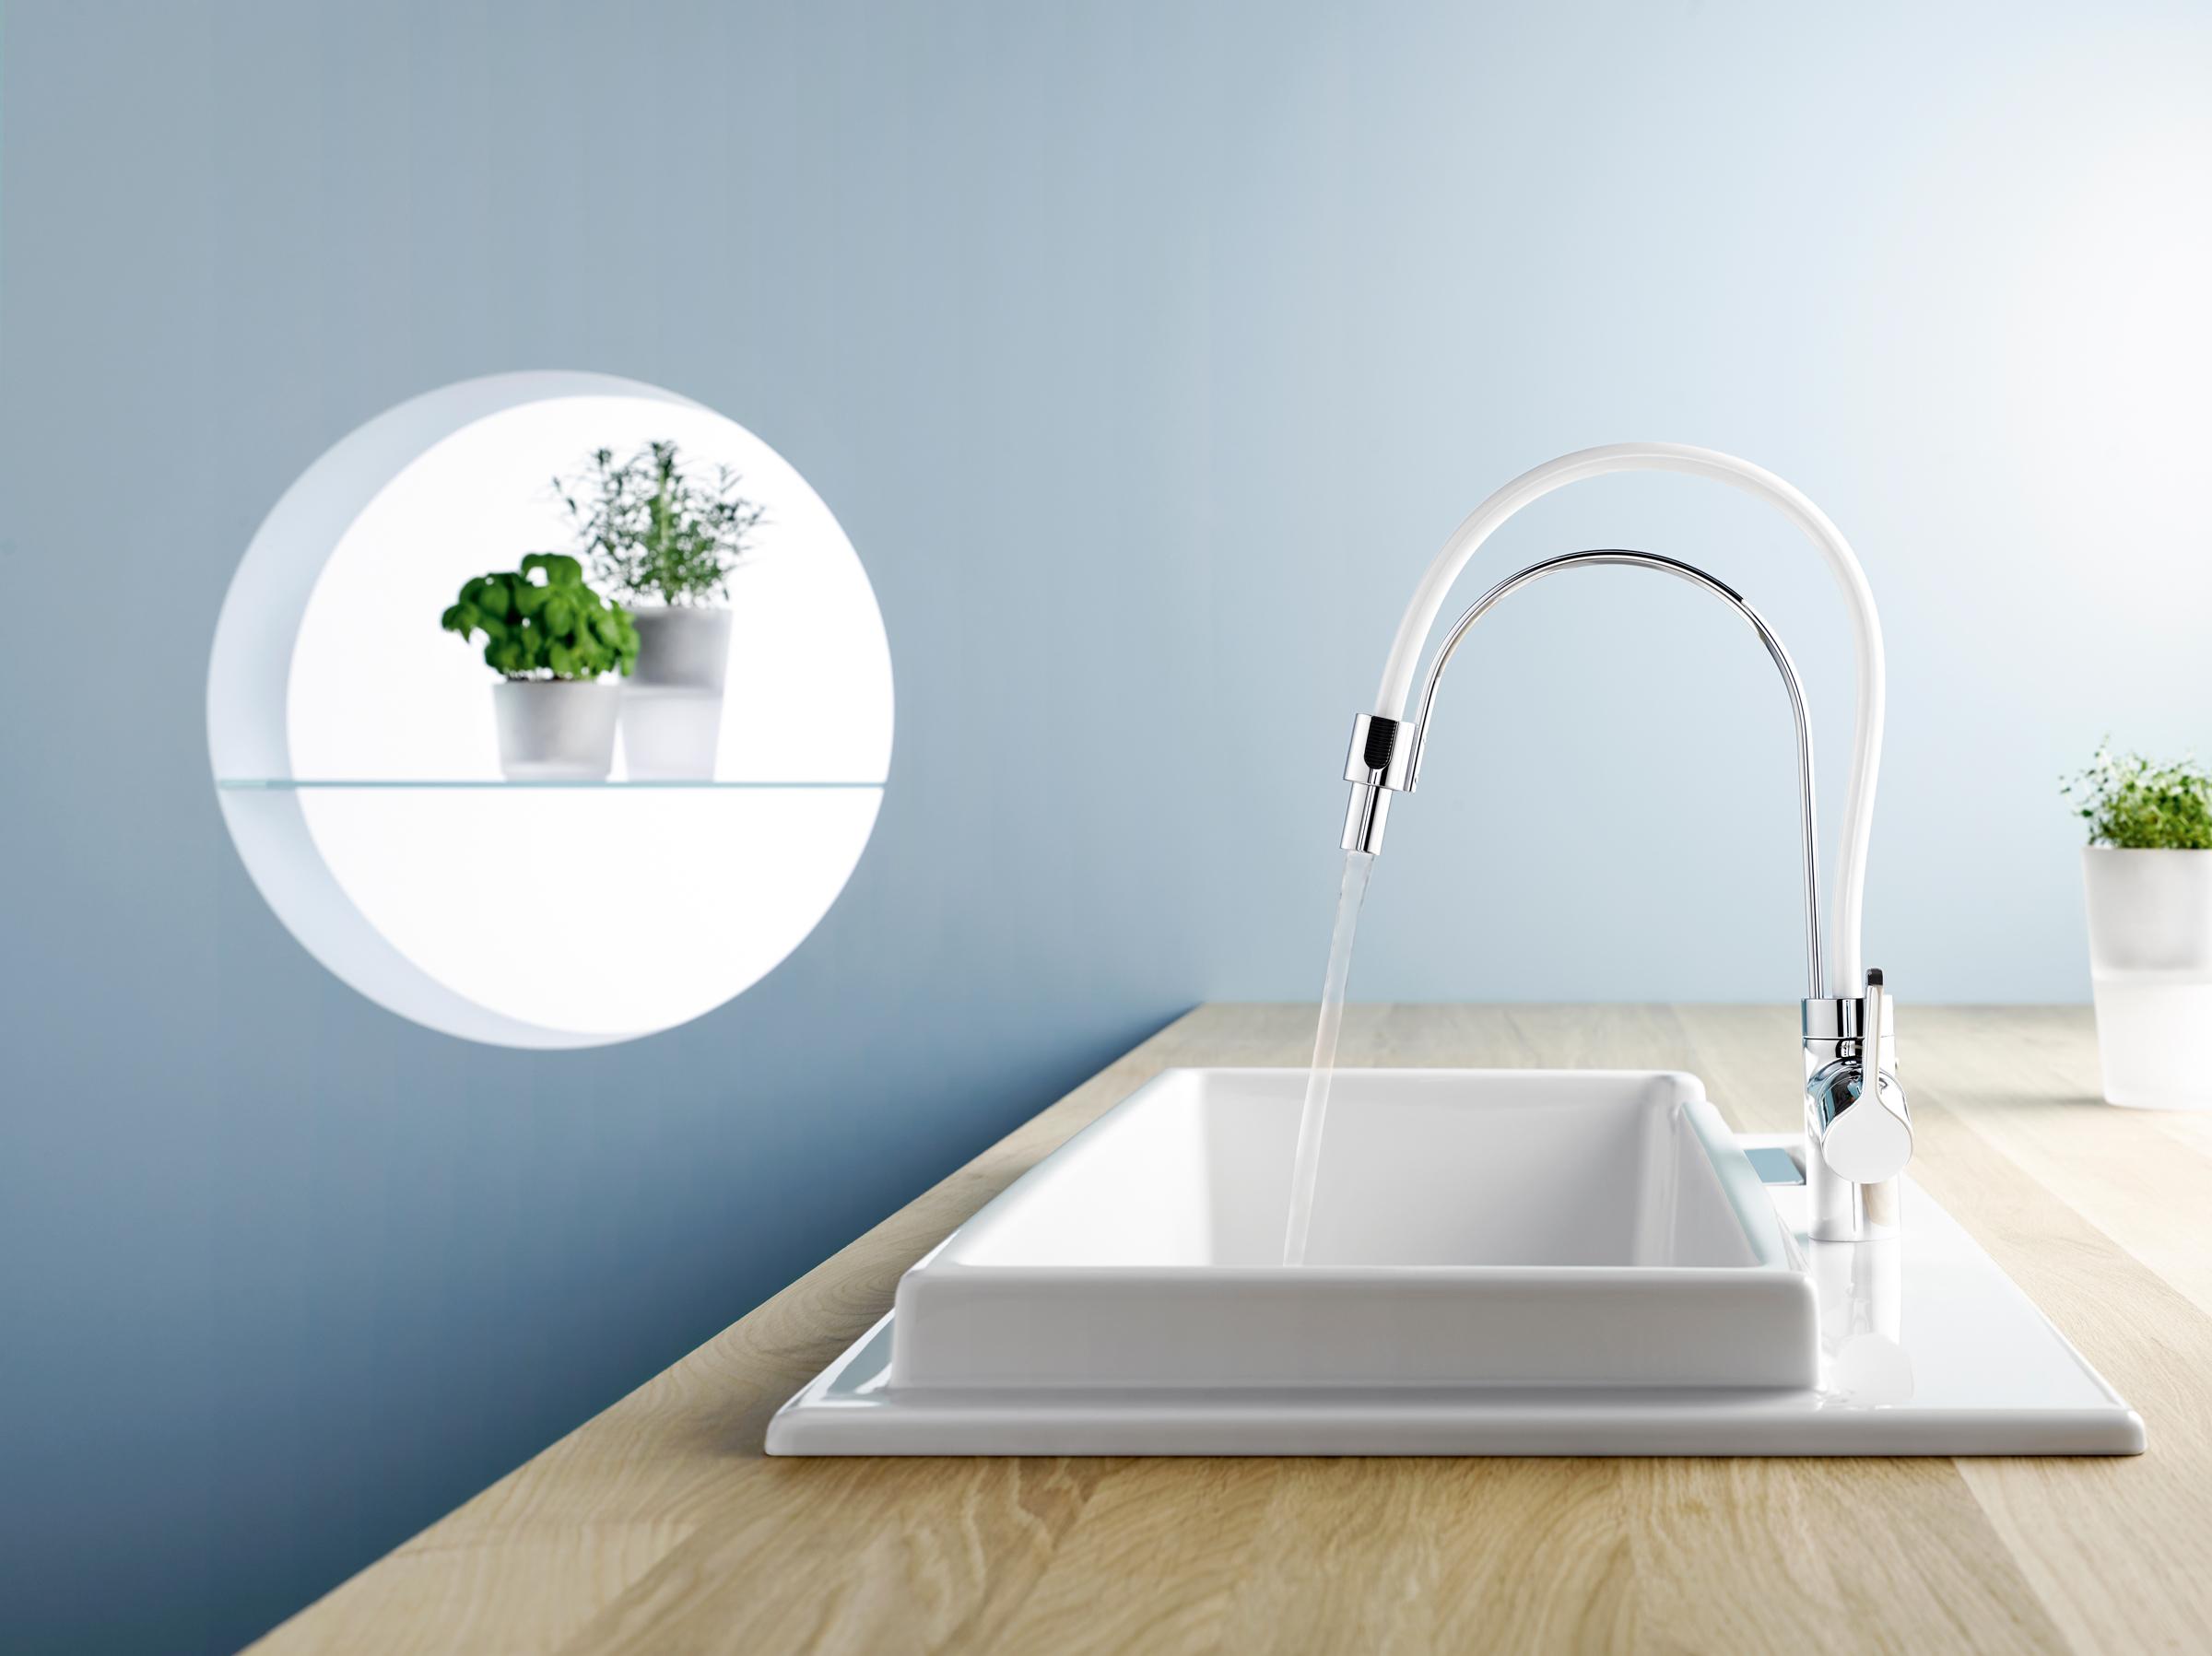 kludi bingo star 428590578. Black Bedroom Furniture Sets. Home Design Ideas